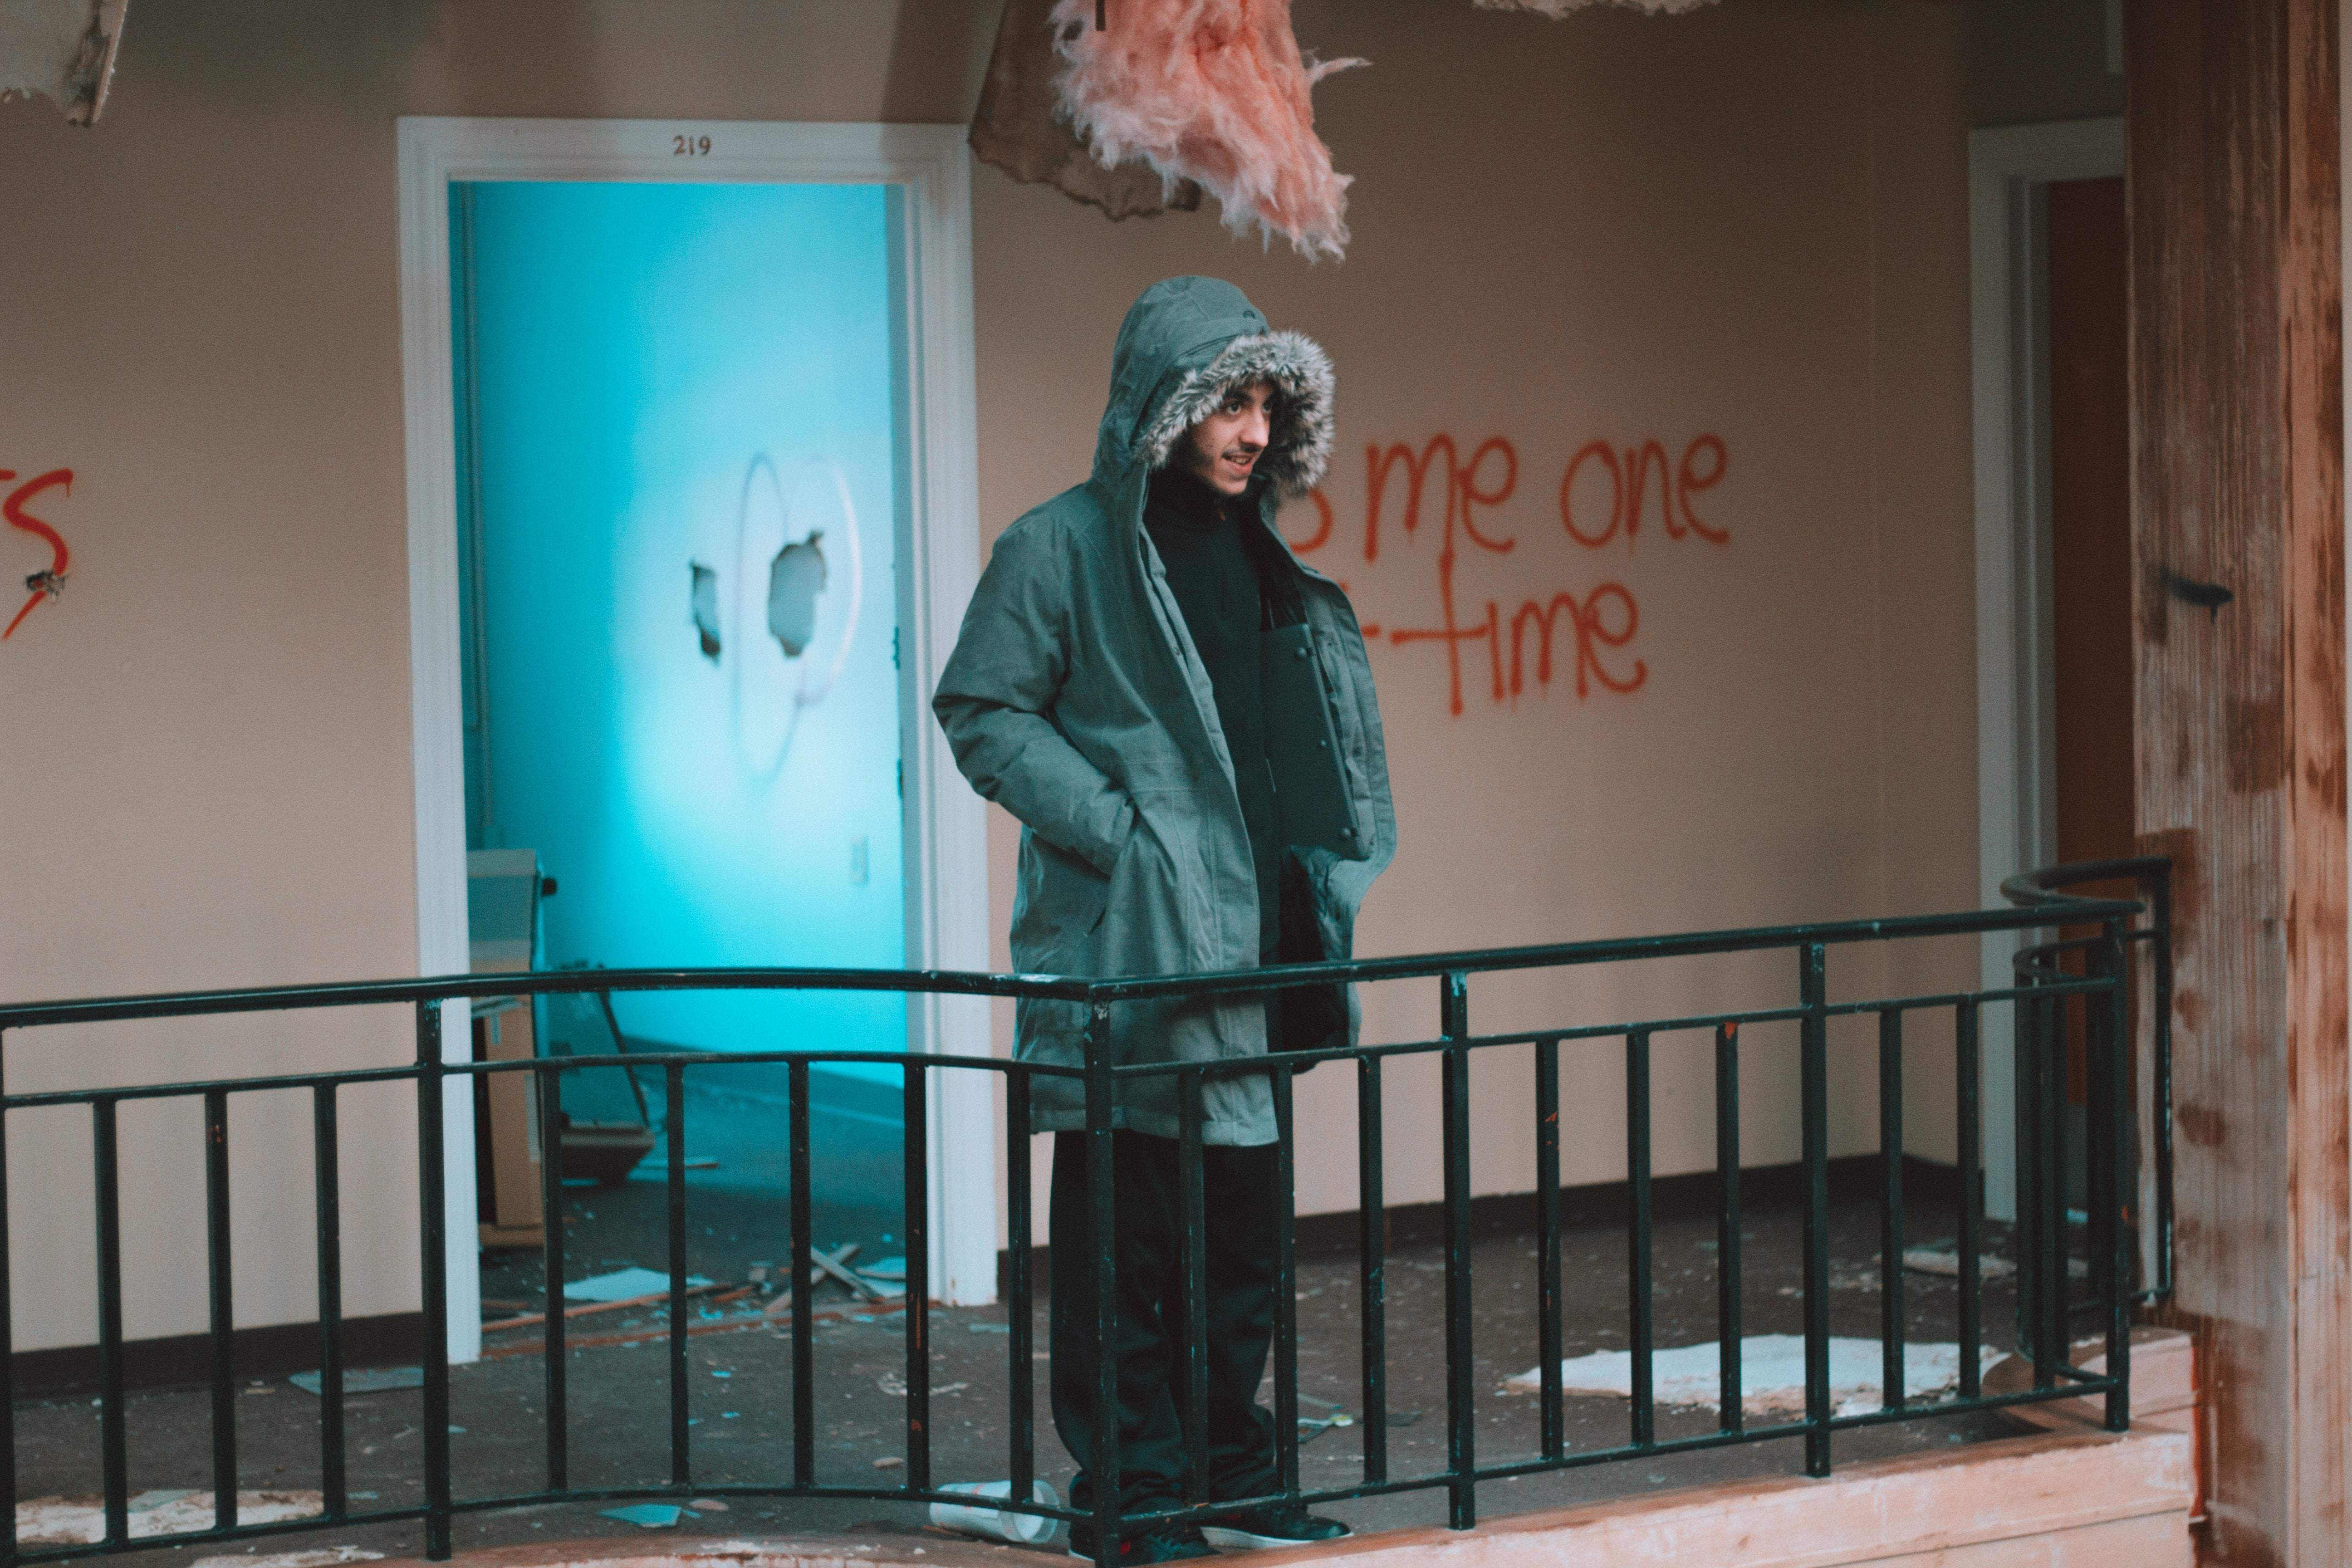 man standing near door